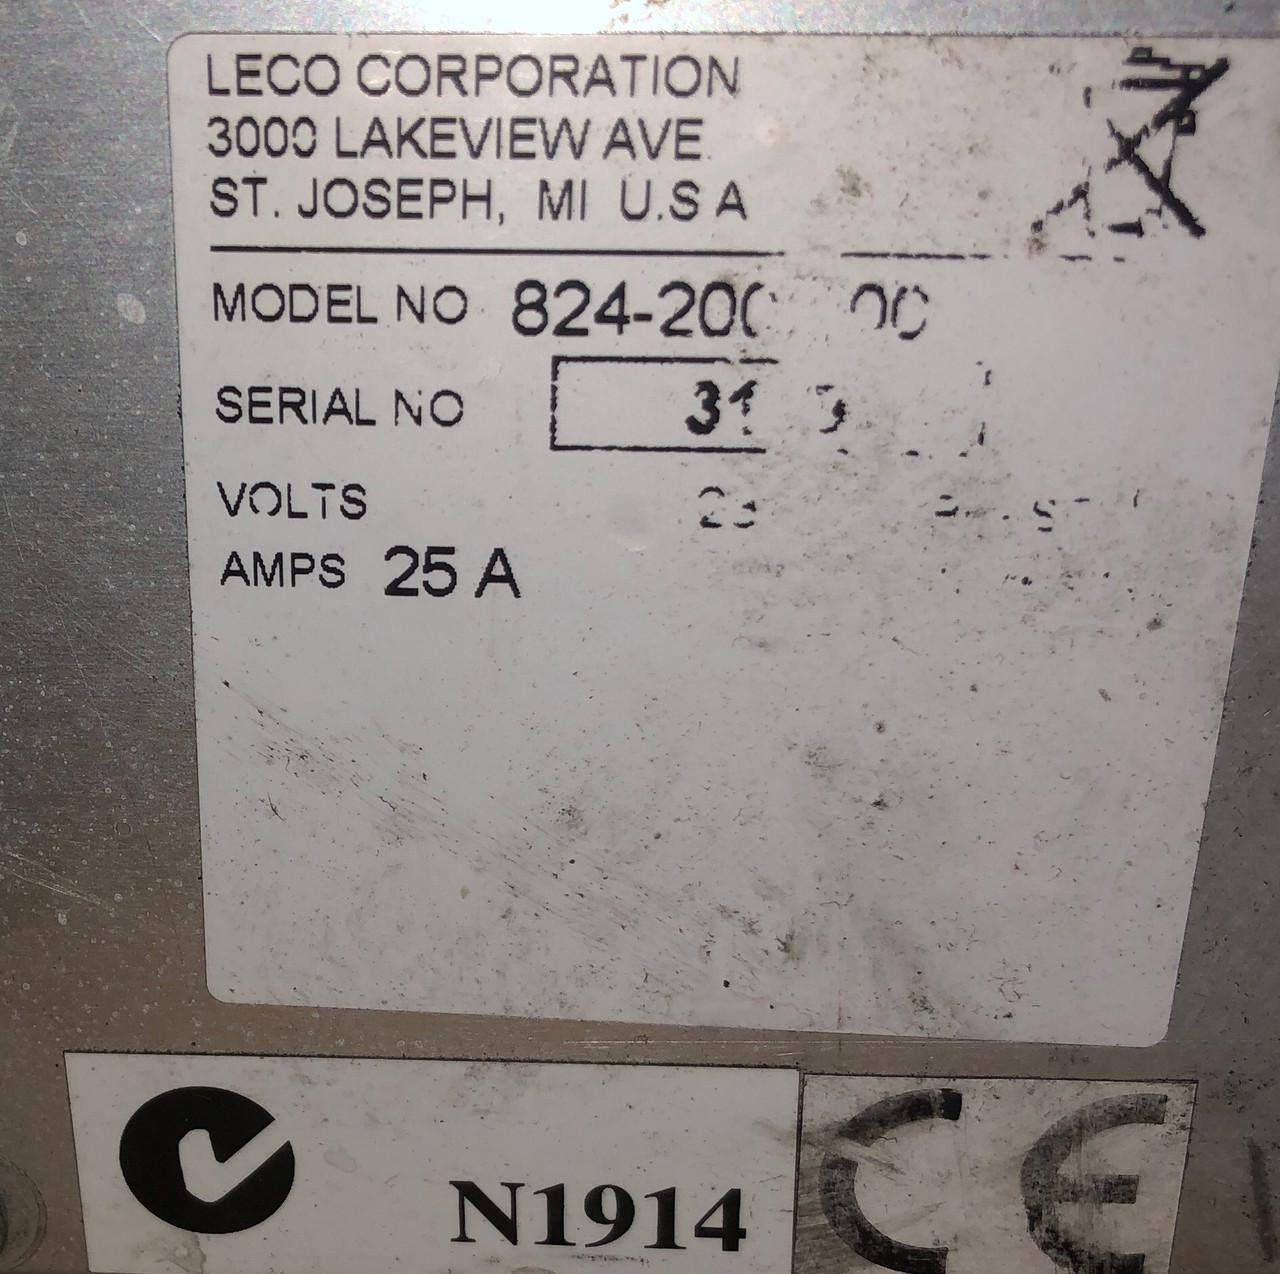 Leco GPX300 230V Grinder/Polisher - Model 824-200-700